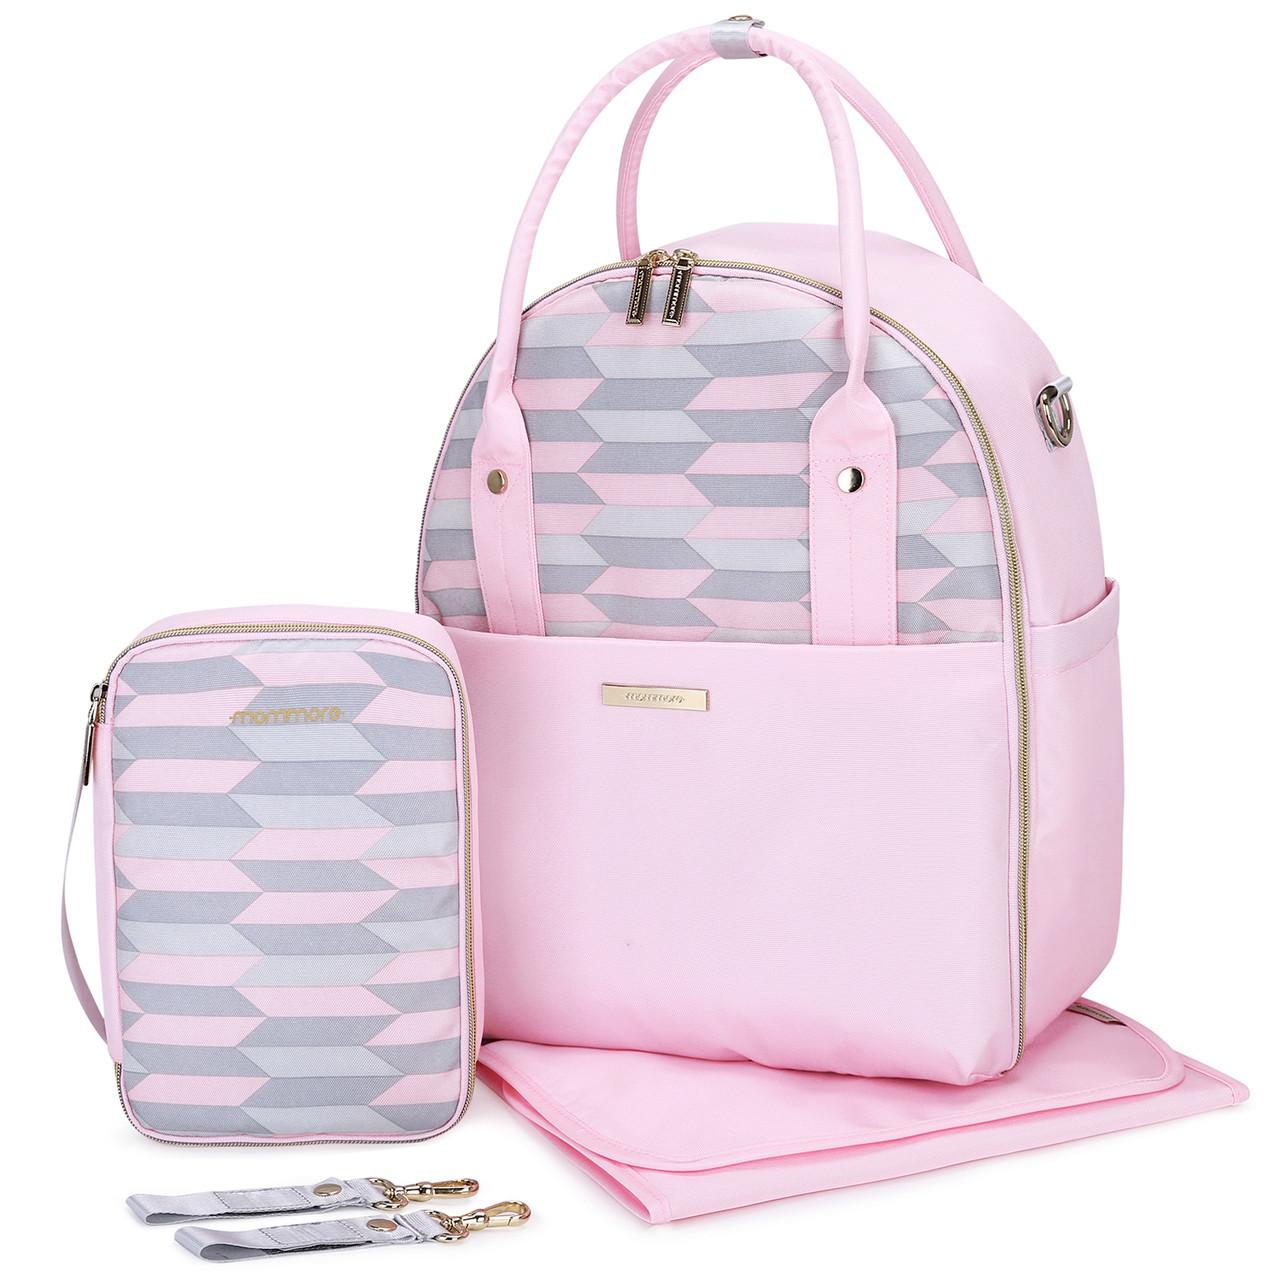 Большая сумка-рюкзак для прогулок и путешествий с младенцем   розовая  Mommore для мам